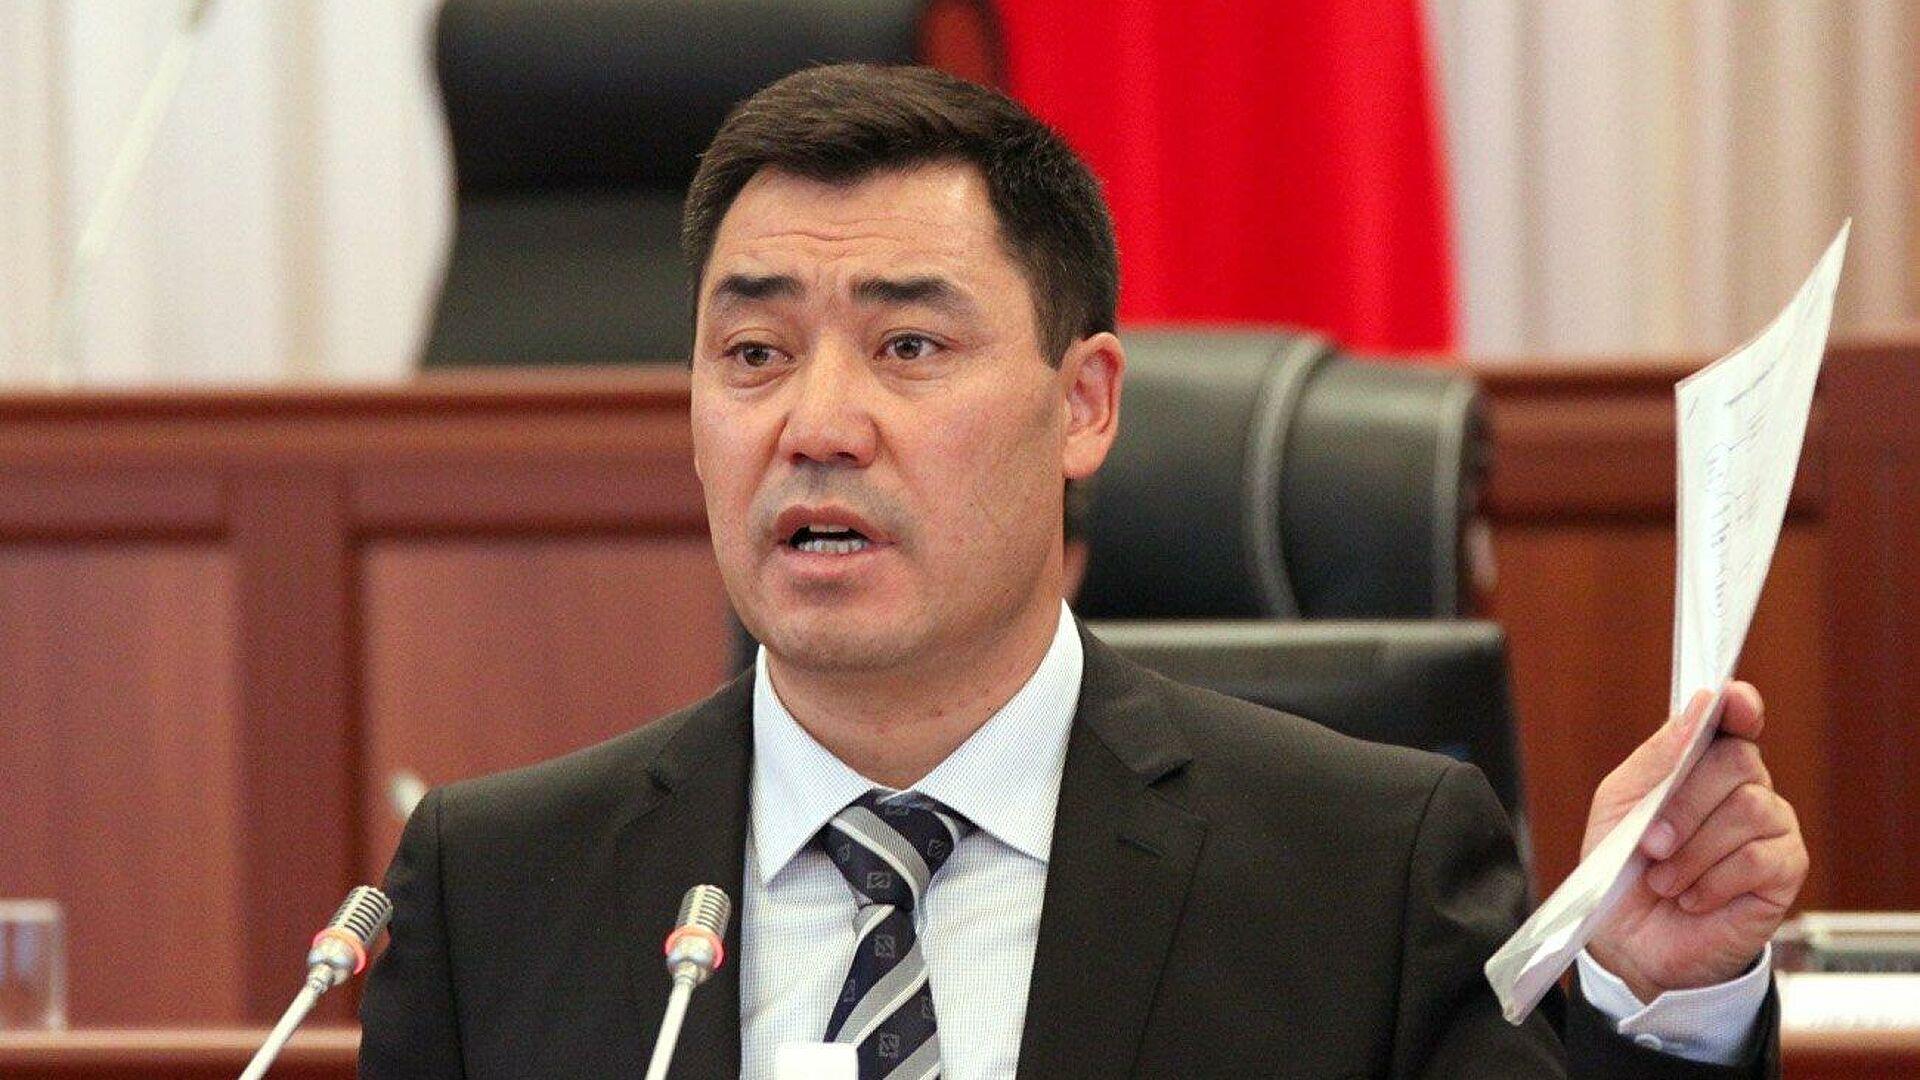 Новый премьер Кыргызстана заявил, что автомобиль экс-президента Атамбаева обстреляли его же охранники